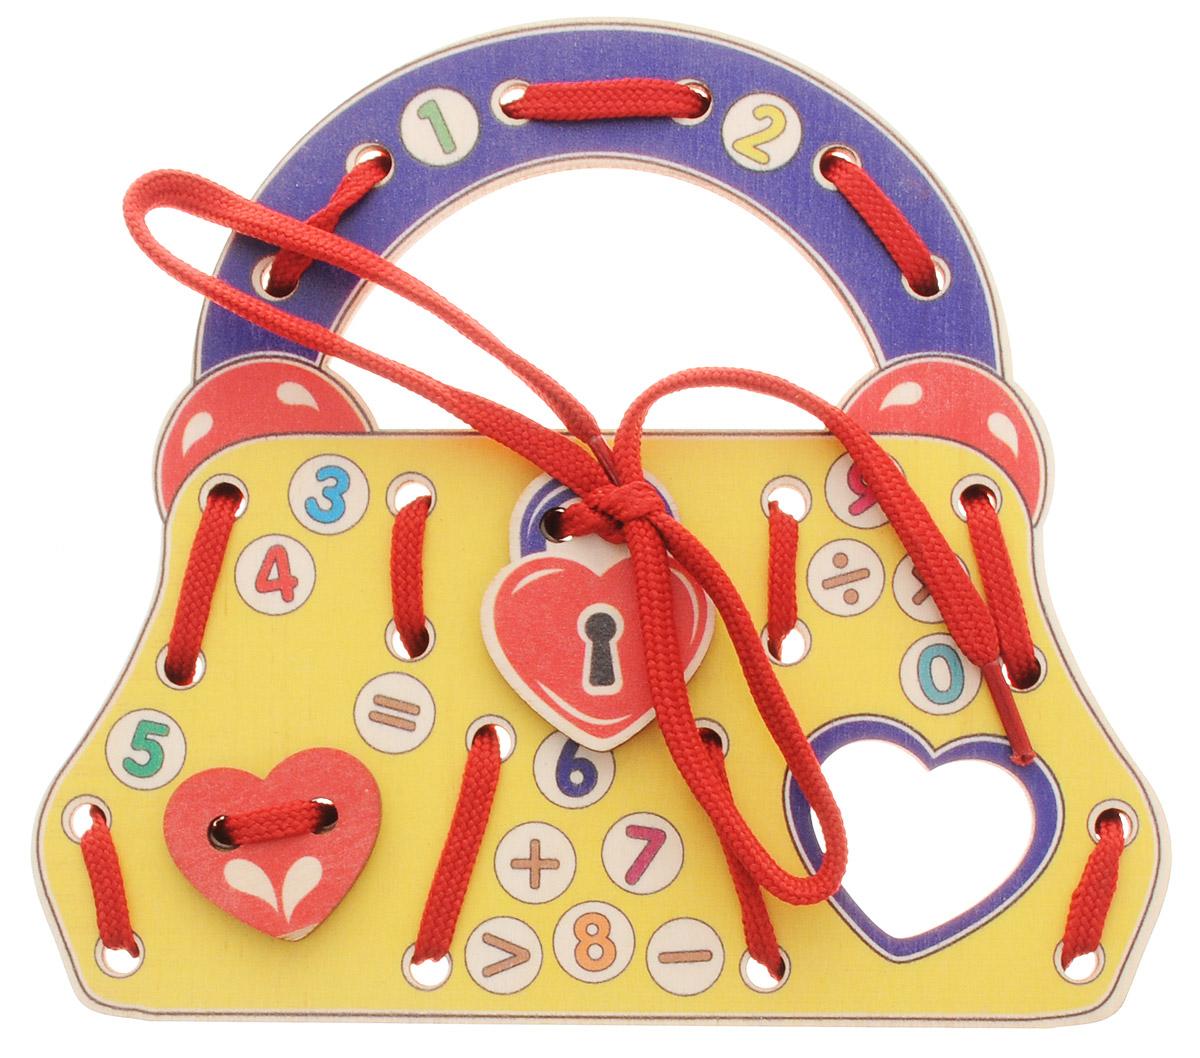 Развивающие деревянные игрушки Шнуровка Сумочка Цифры ЗнакиД495аШнуровка Развивающие деревянные игрушки выполнена в виде сумочки для маленьких модниц. Играя с этой шнуровкой, ребенок научится шнуровать и завязывать шнурочки на бантик. Игрушка поможет ребенку развить воображение, научиться компоновать и привязывать различные элементы друг к другу, создавая свой модный детский аксессуар. Игра также познакомит малыша с цифрами от 0 до 9. Шнуровка - незаменимая игрушка для развития мелкой моторики. А шнуровка в виде веселой игры станет для ребенка самым любимым развлечением.